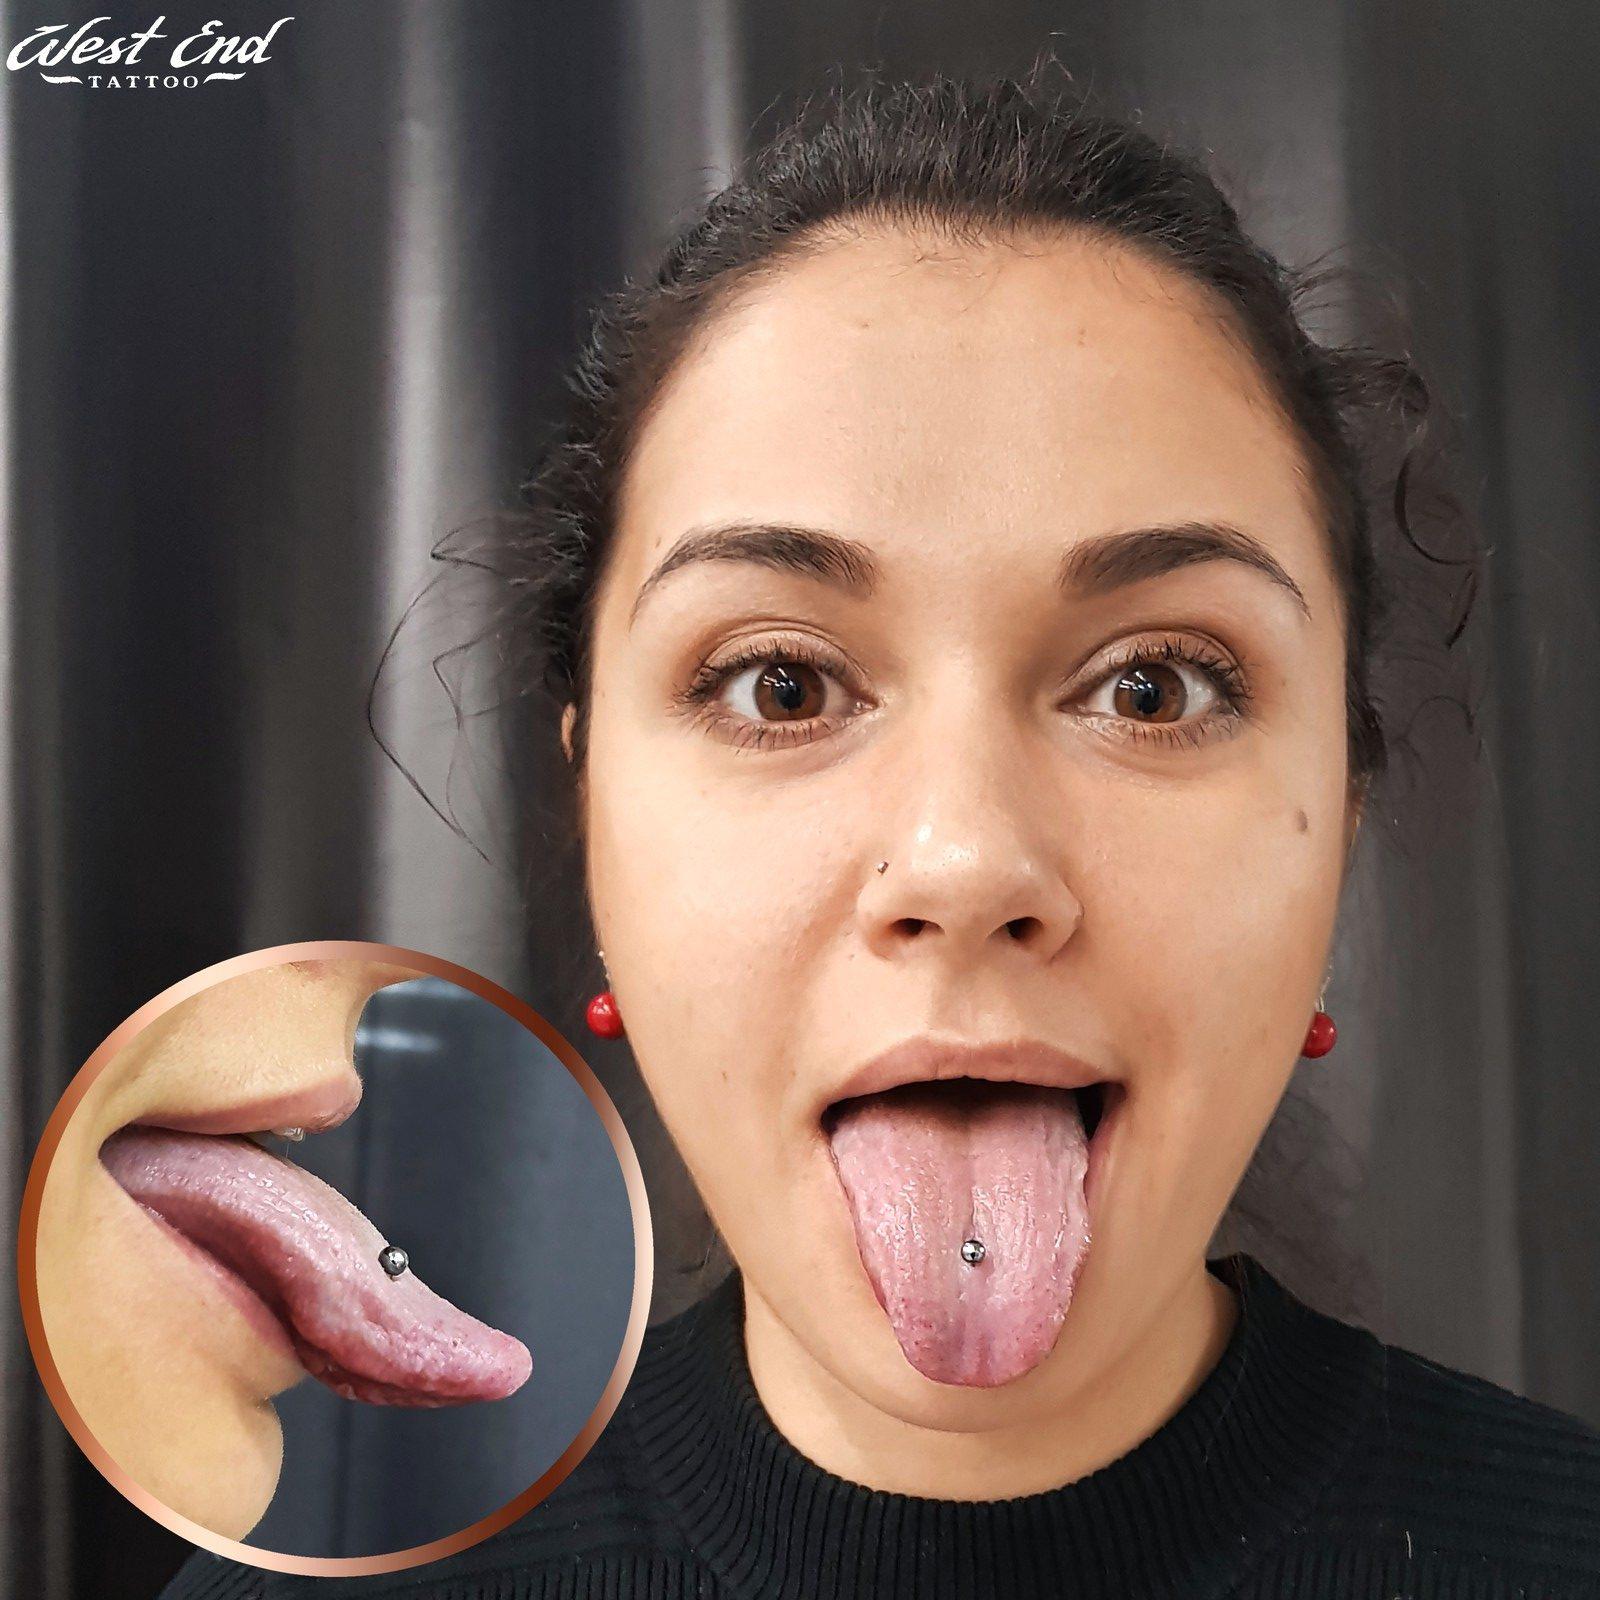 Пирсинг языка у девушки